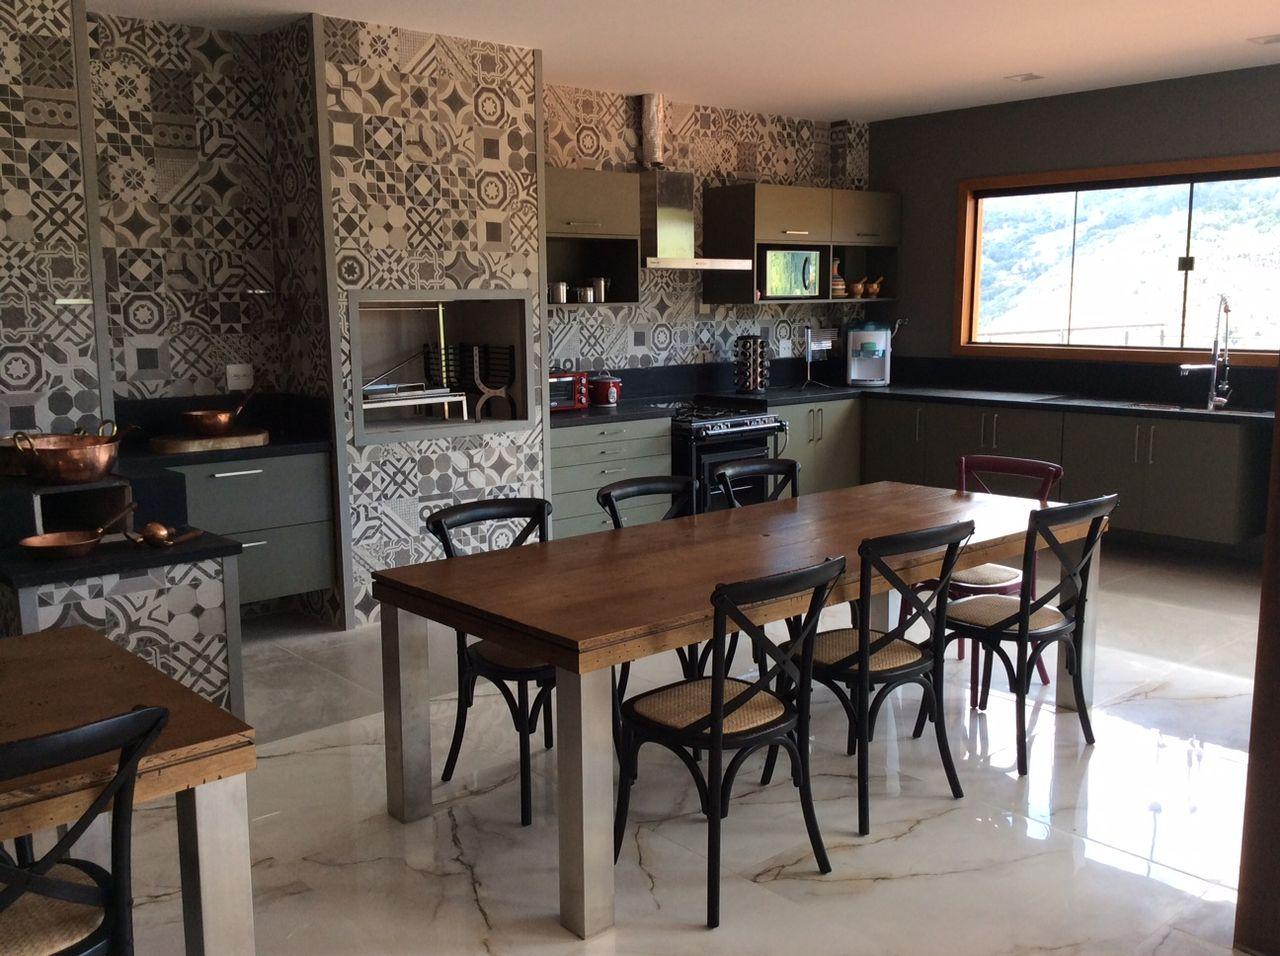 Cozinha Revestida Em Ladrilho Hidr Ulico Cinza De Rovana Daleprane